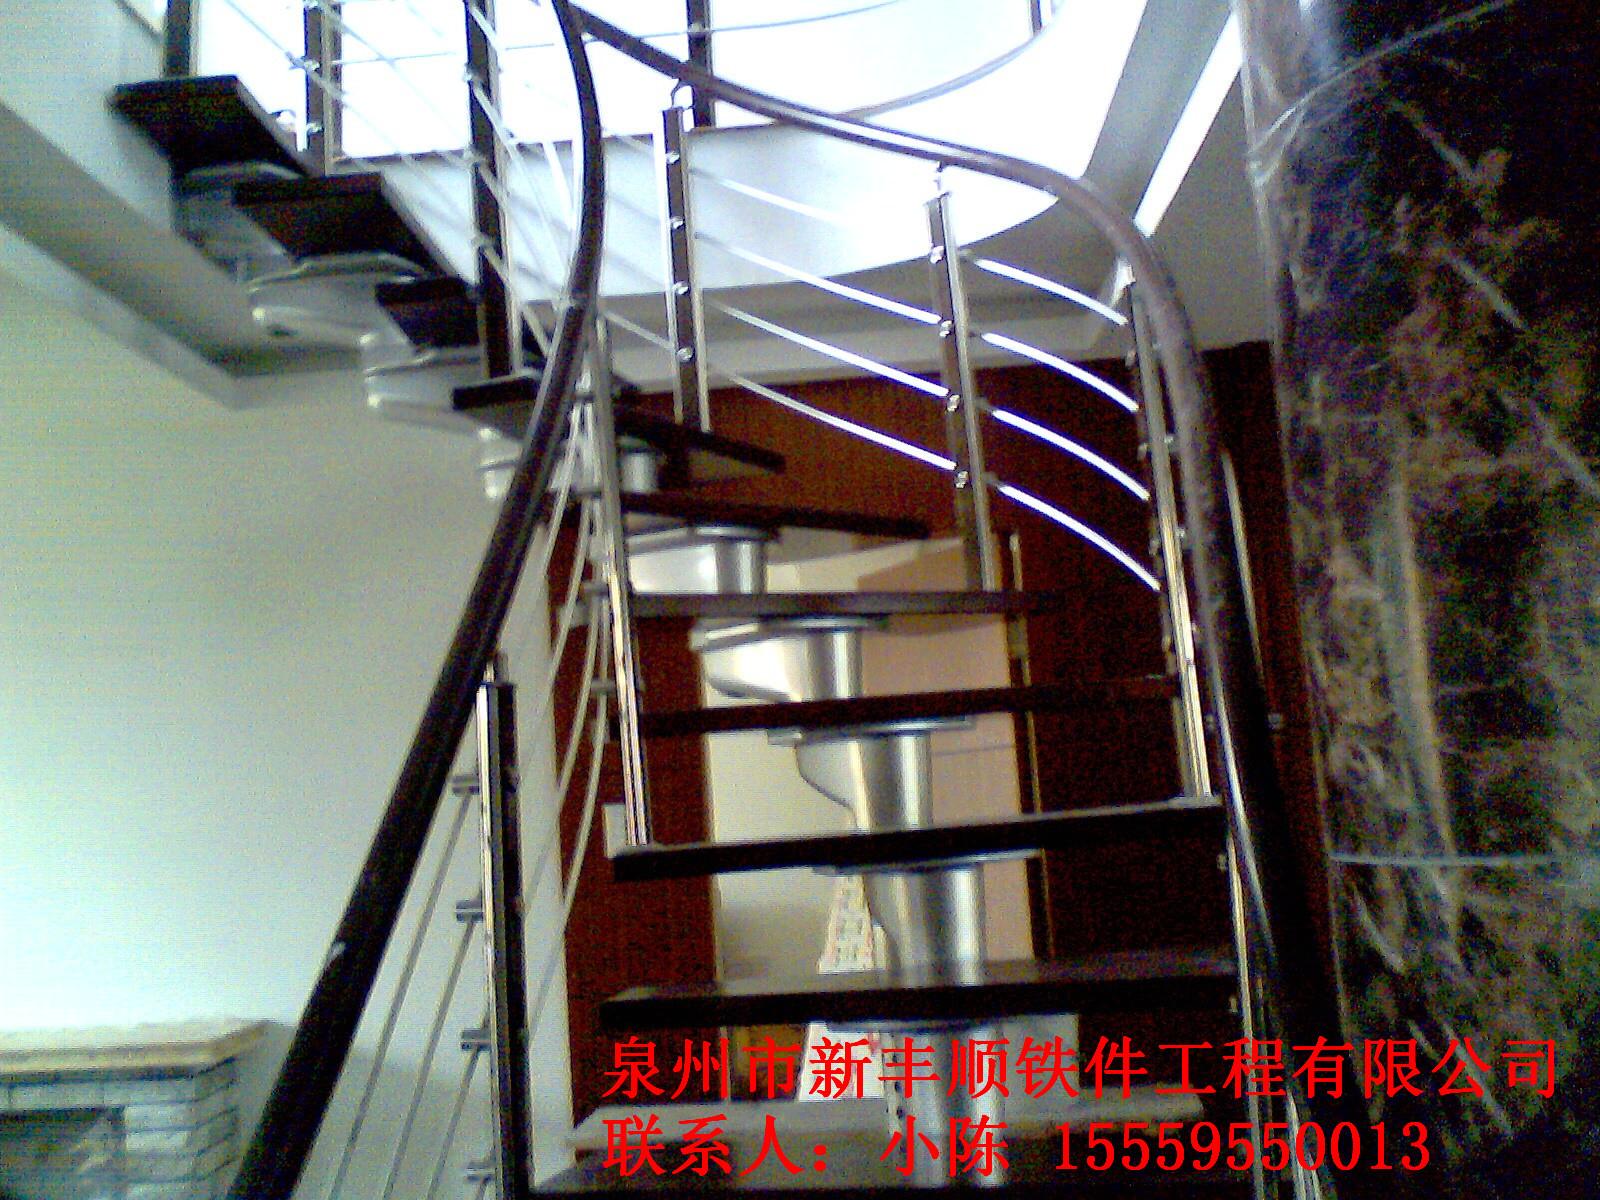 铁艺扶手楼梯-258.com企业服务平台